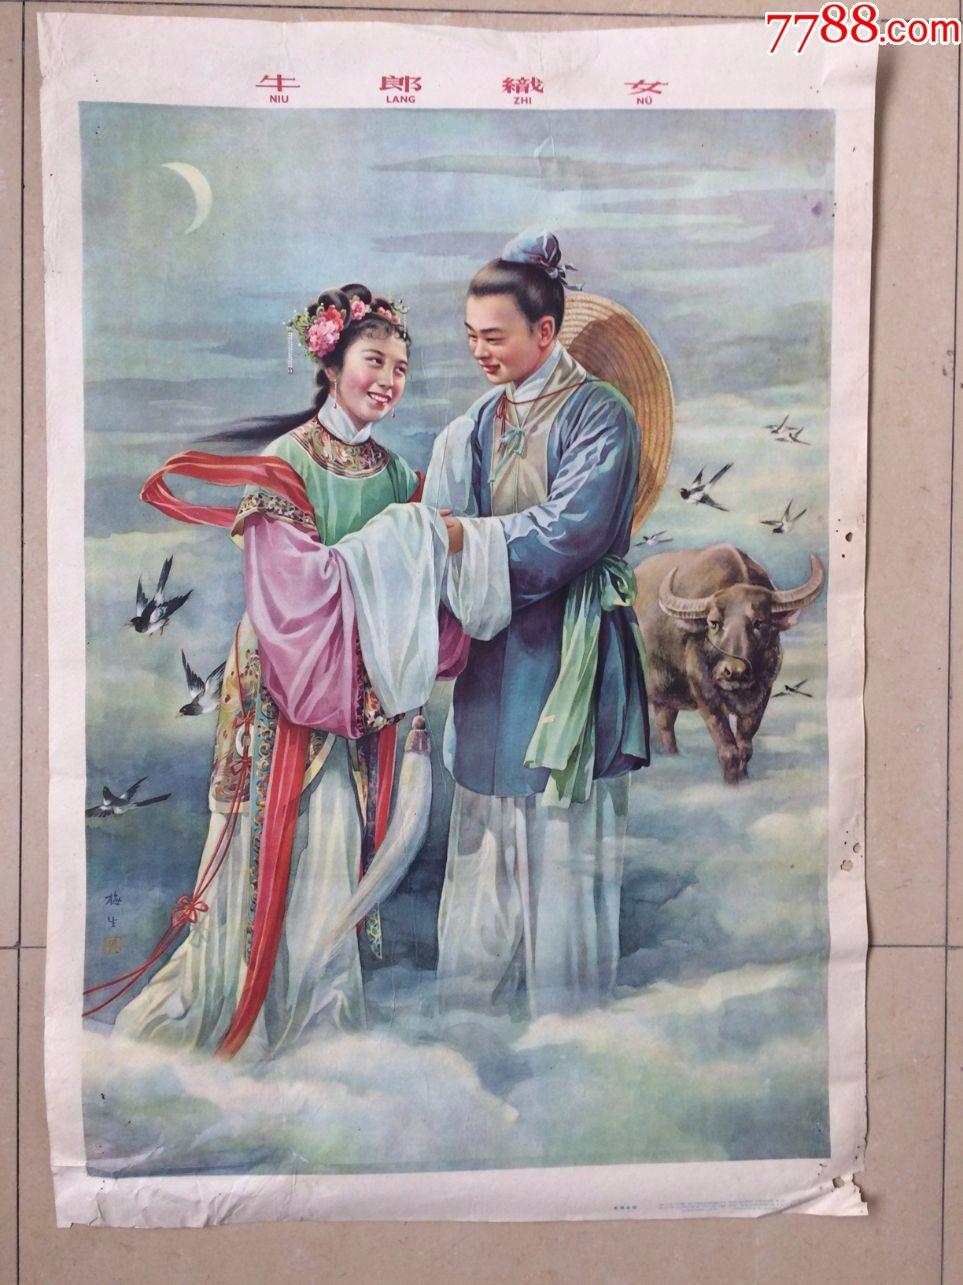 1961年牛郎织女金梅生宣传画对开品如图(se56727606)_